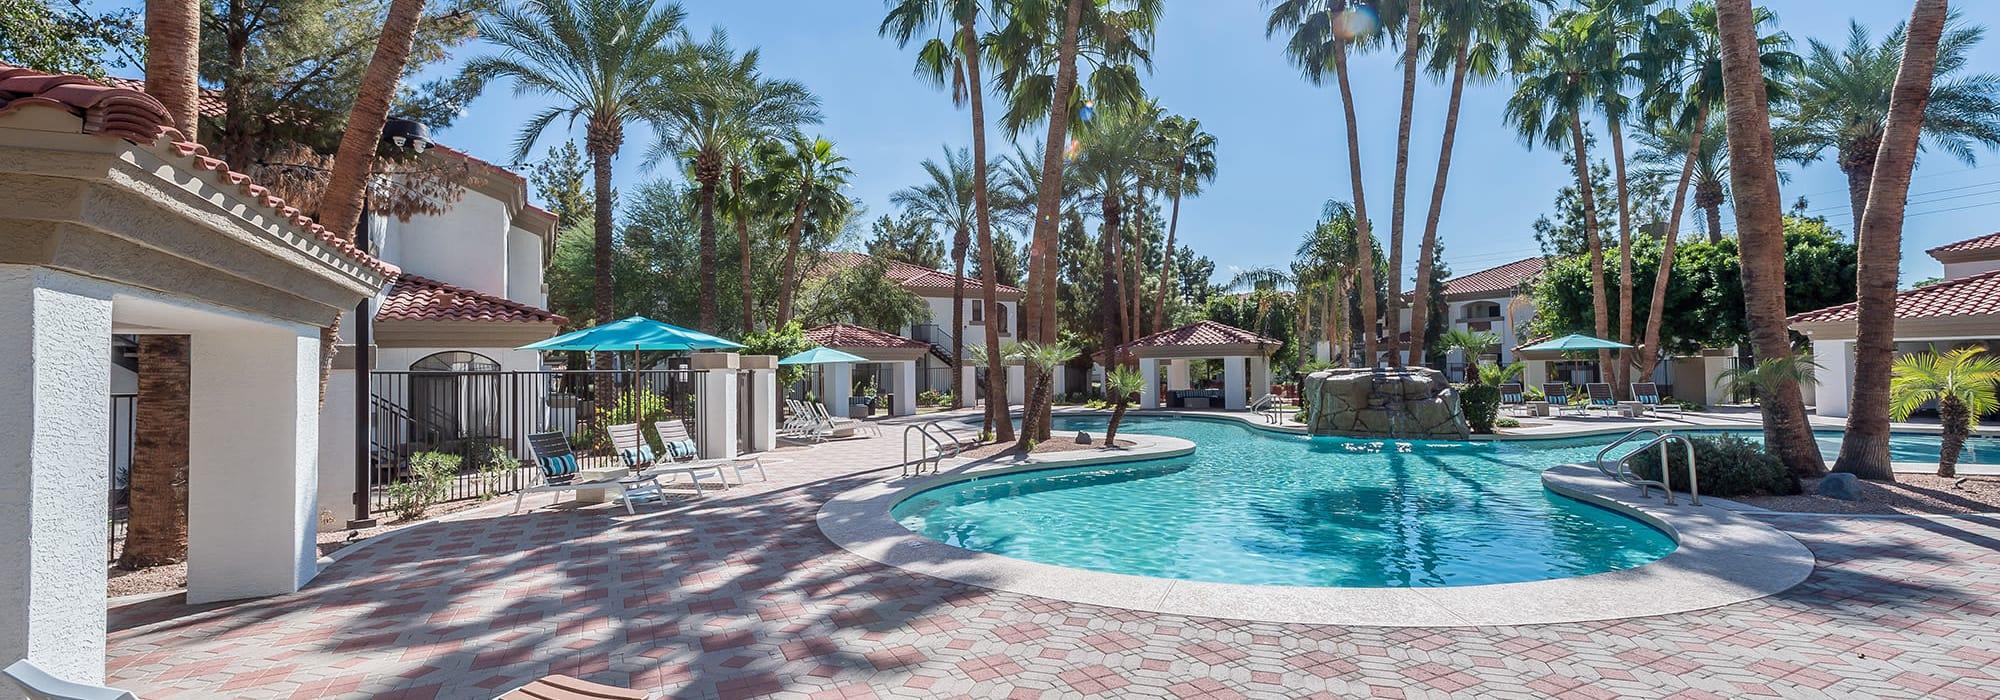 Resort style swimming pool at San Palmas in Chandler, Arizona